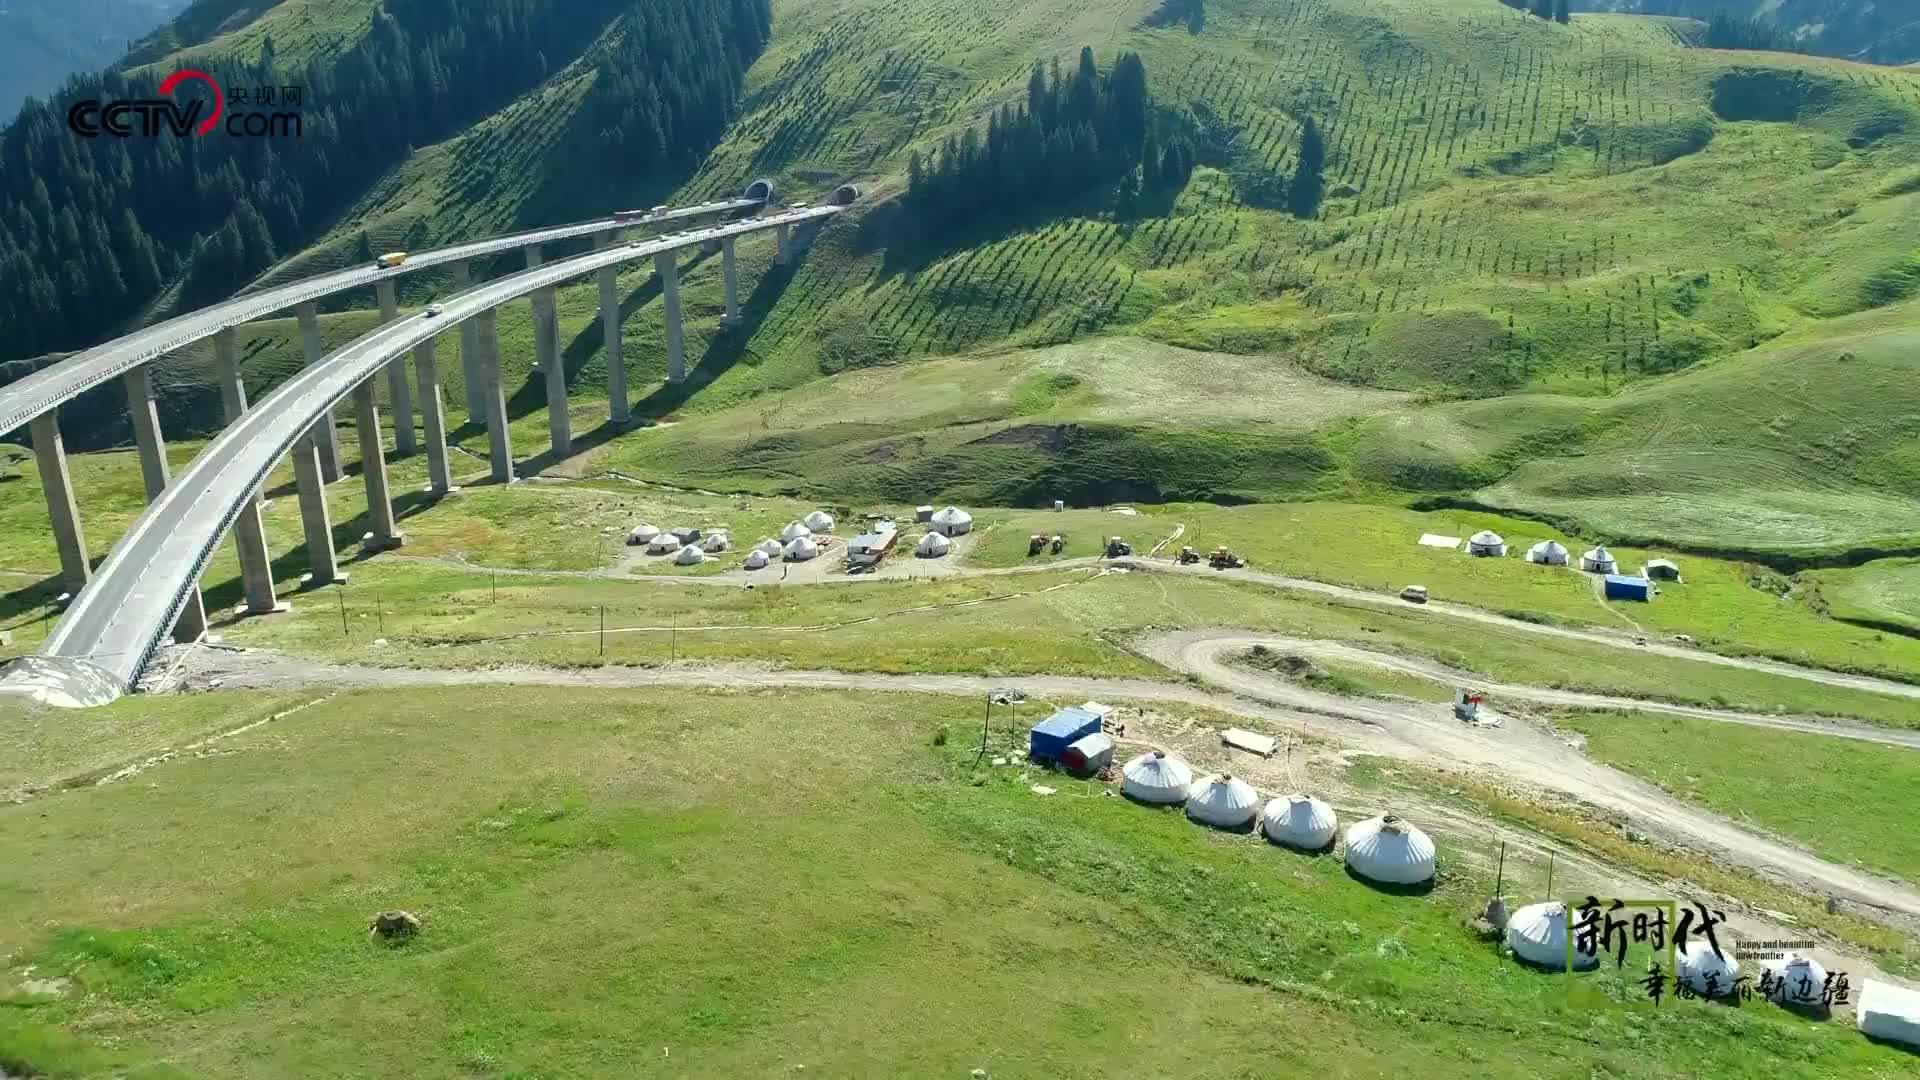 【新时代·幸福美丽新边疆】航拍新疆第一高桥 俯瞰神奇果子沟